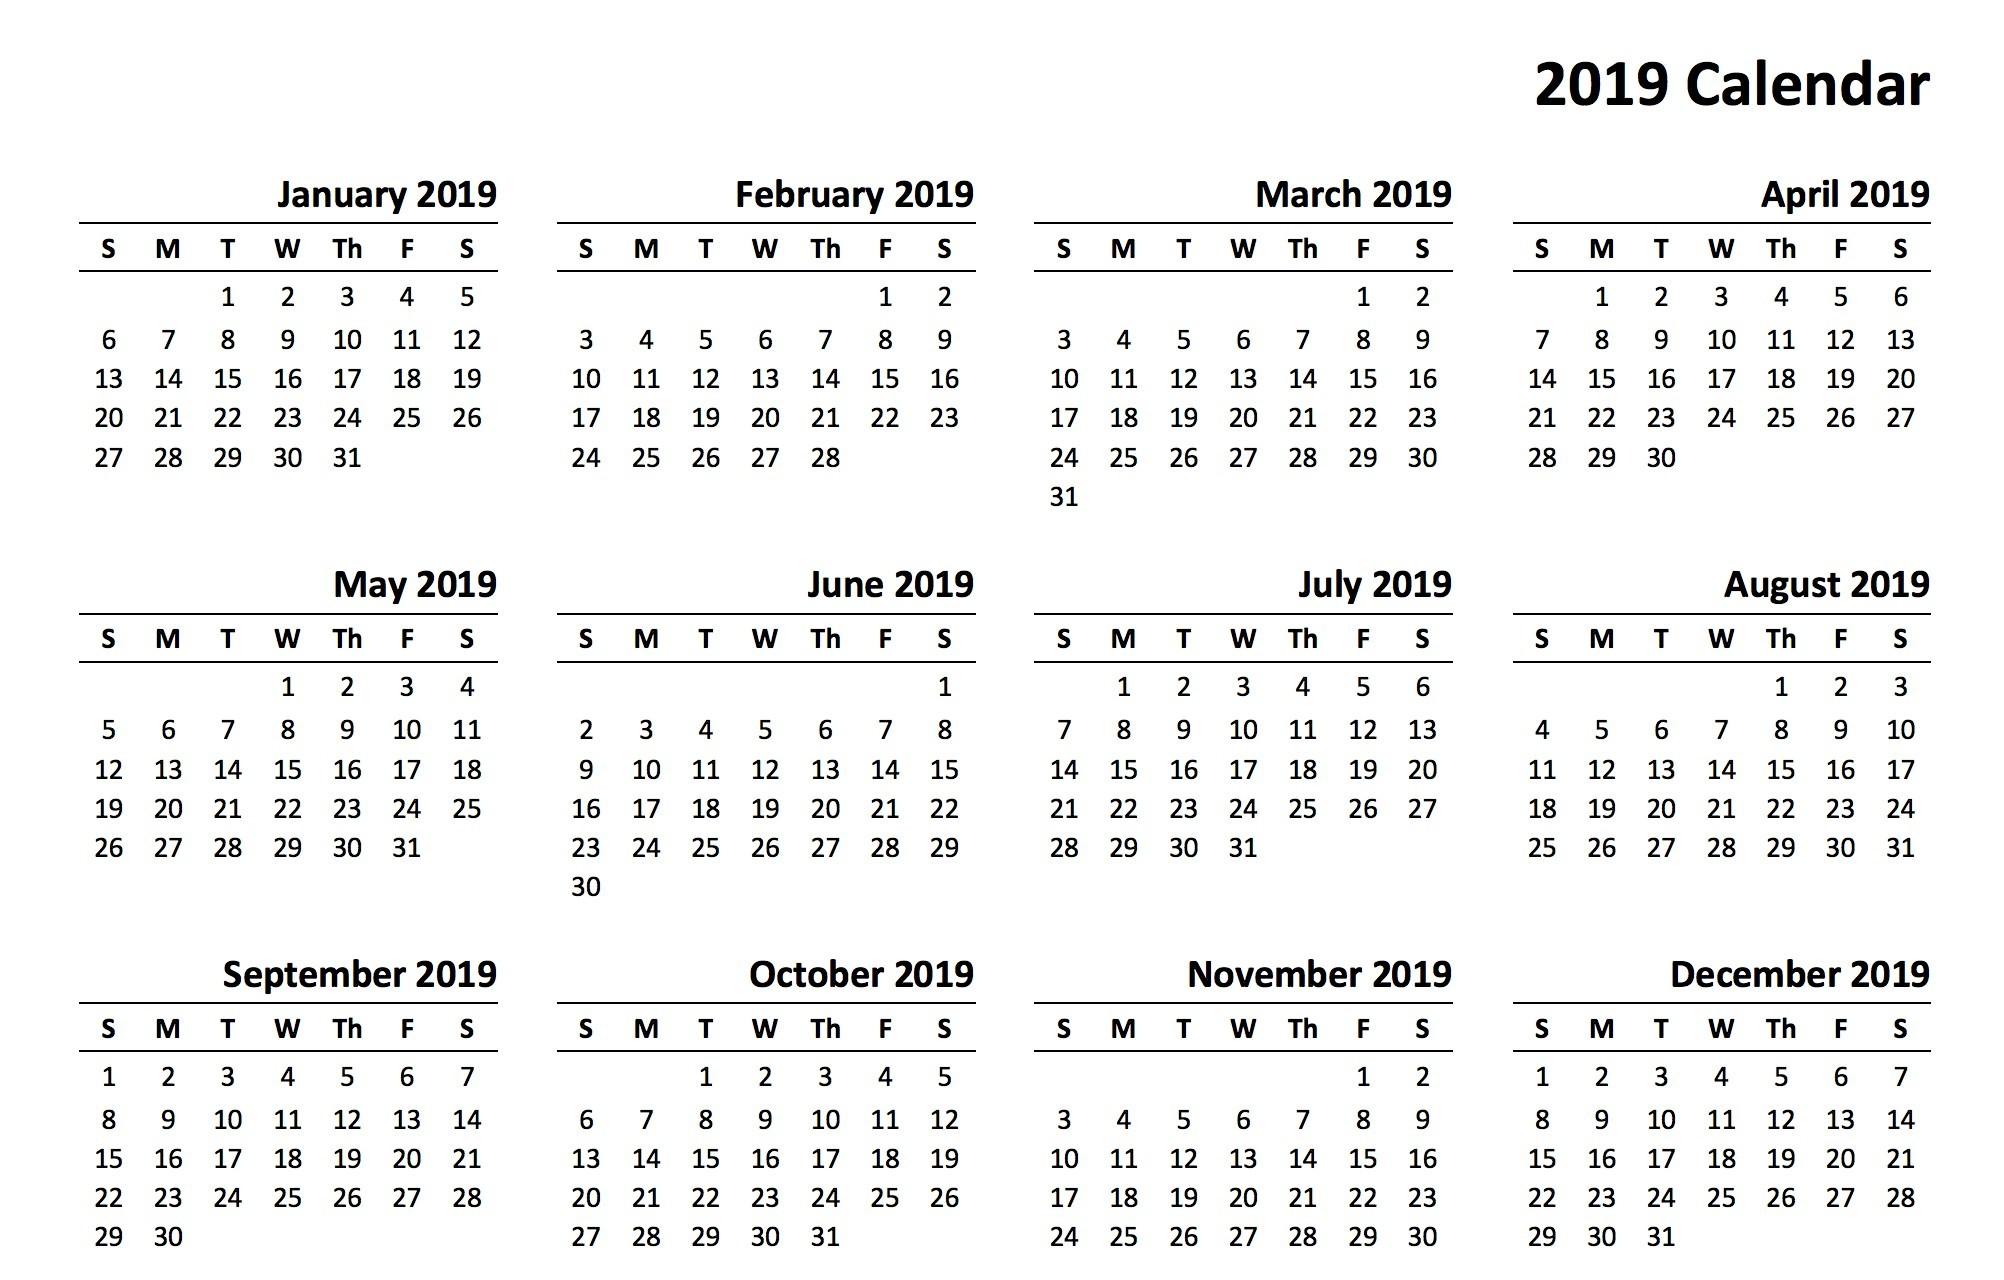 Imprimir Calendario Diciembre 2019 Más Caliente Esto Es Exactamente Calendario Imprimir 2019 Excel Of Imprimir Calendario Diciembre 2019 Recientes Observar Calendario Para Imprimir 2019 Pdf